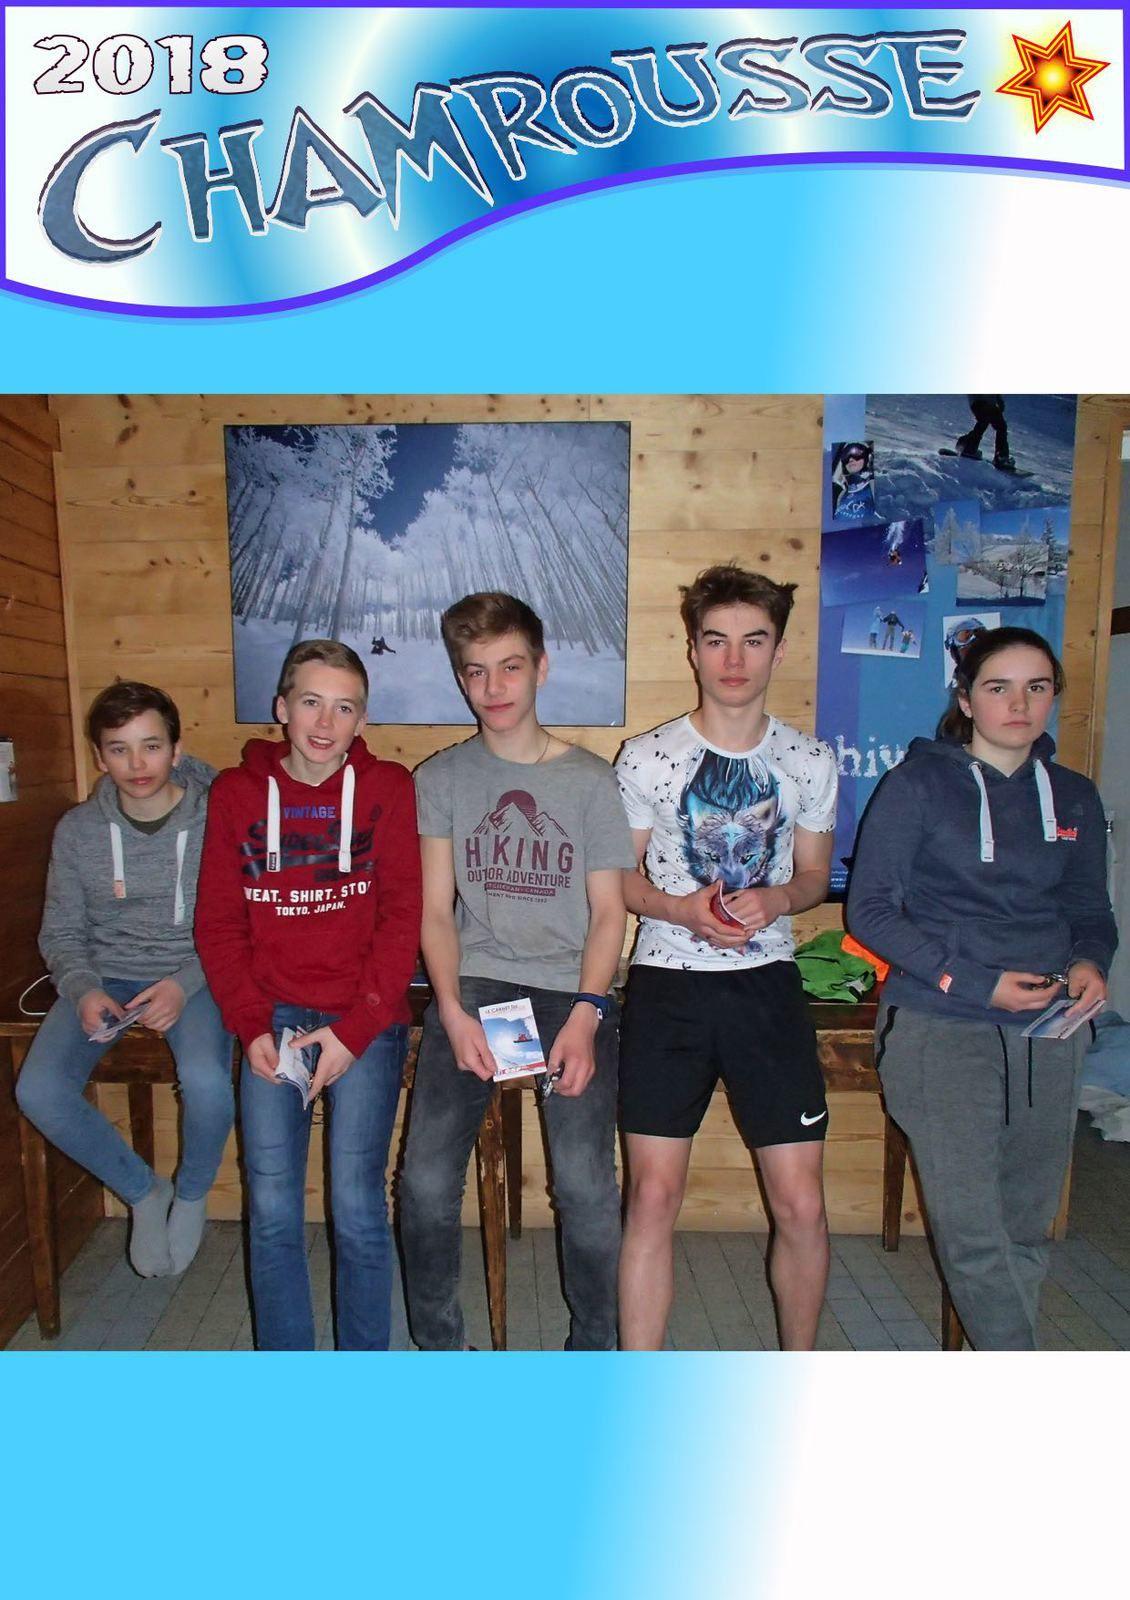 Les niveaux de ski ou snow - Remise des médailles par groupe